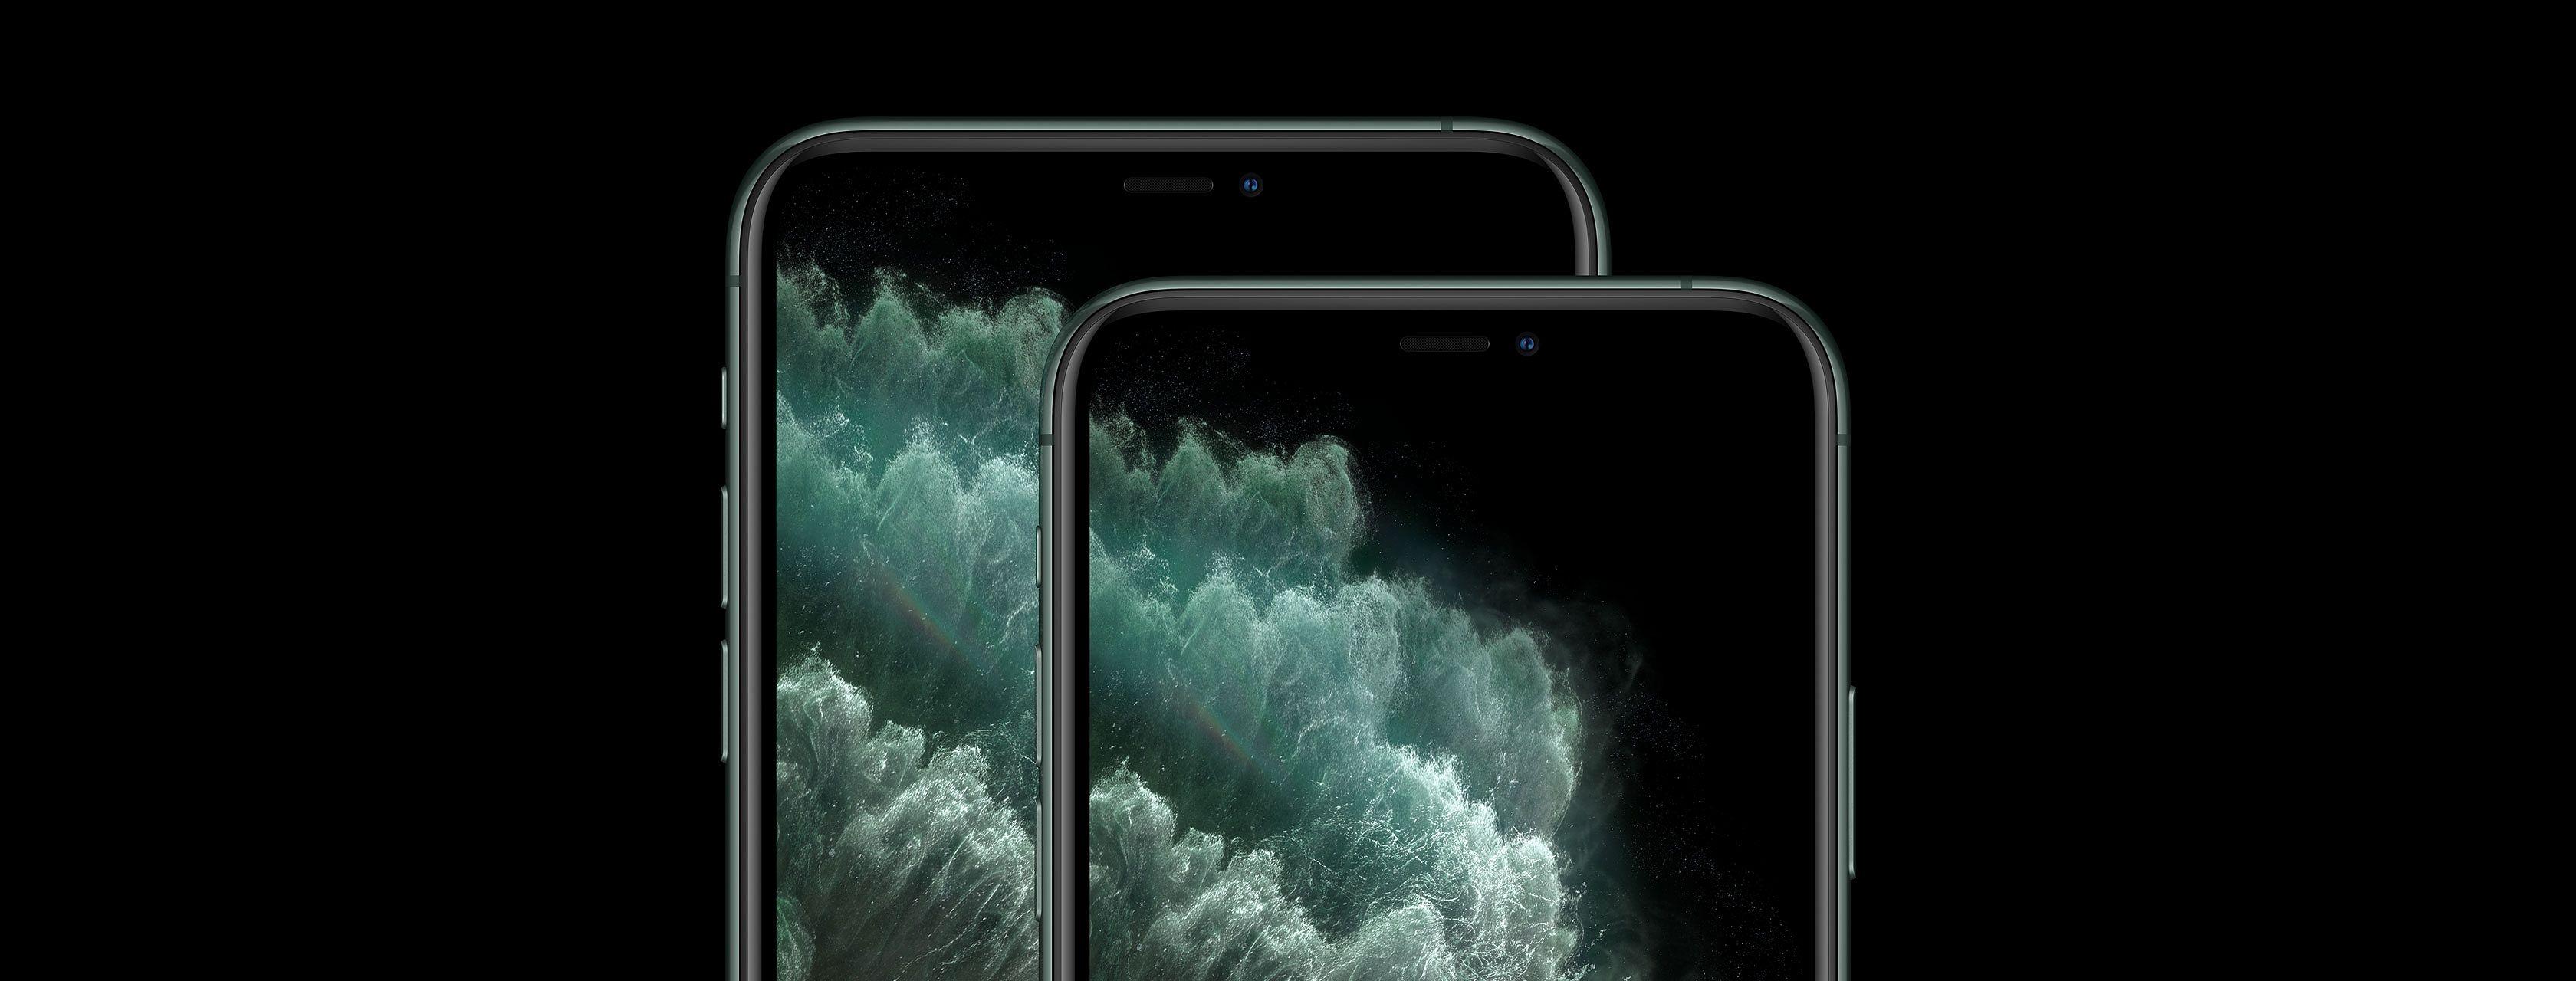 iPhone 11 Pro Max e iPhone 11 Pro sobrepostos sobre fundo preto